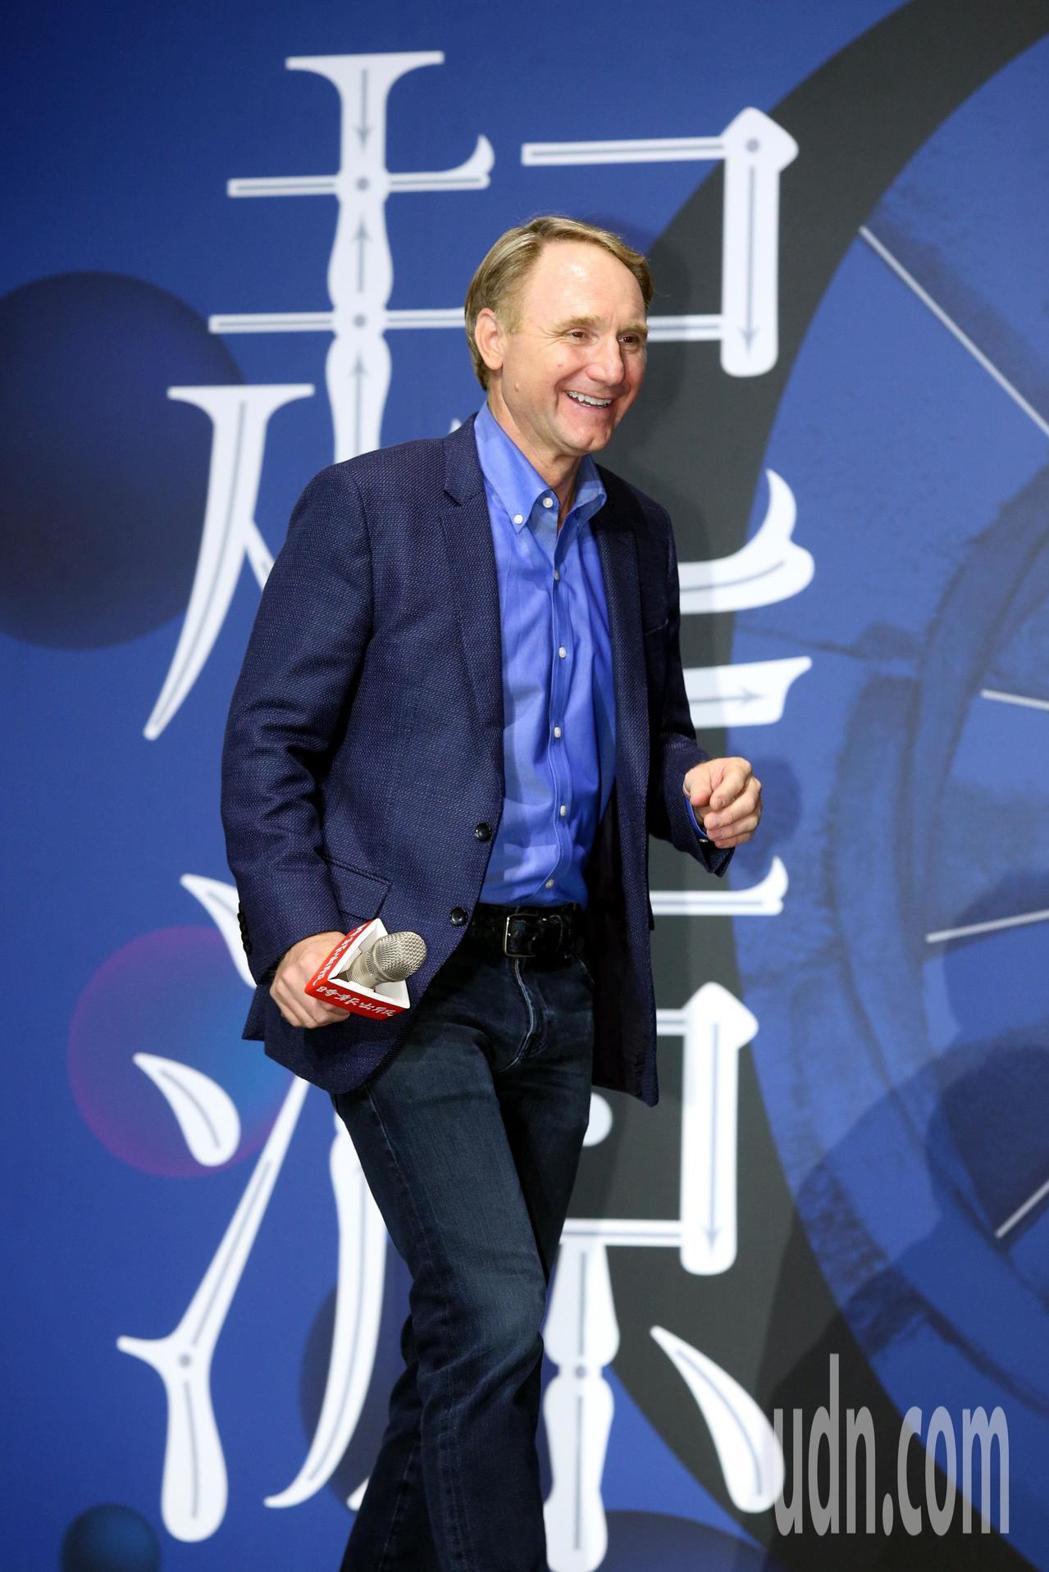 「達文西密碼」作者暢銷作家丹‧布朗最新力作「起源」繁體中文版已於5月5日面世,此...